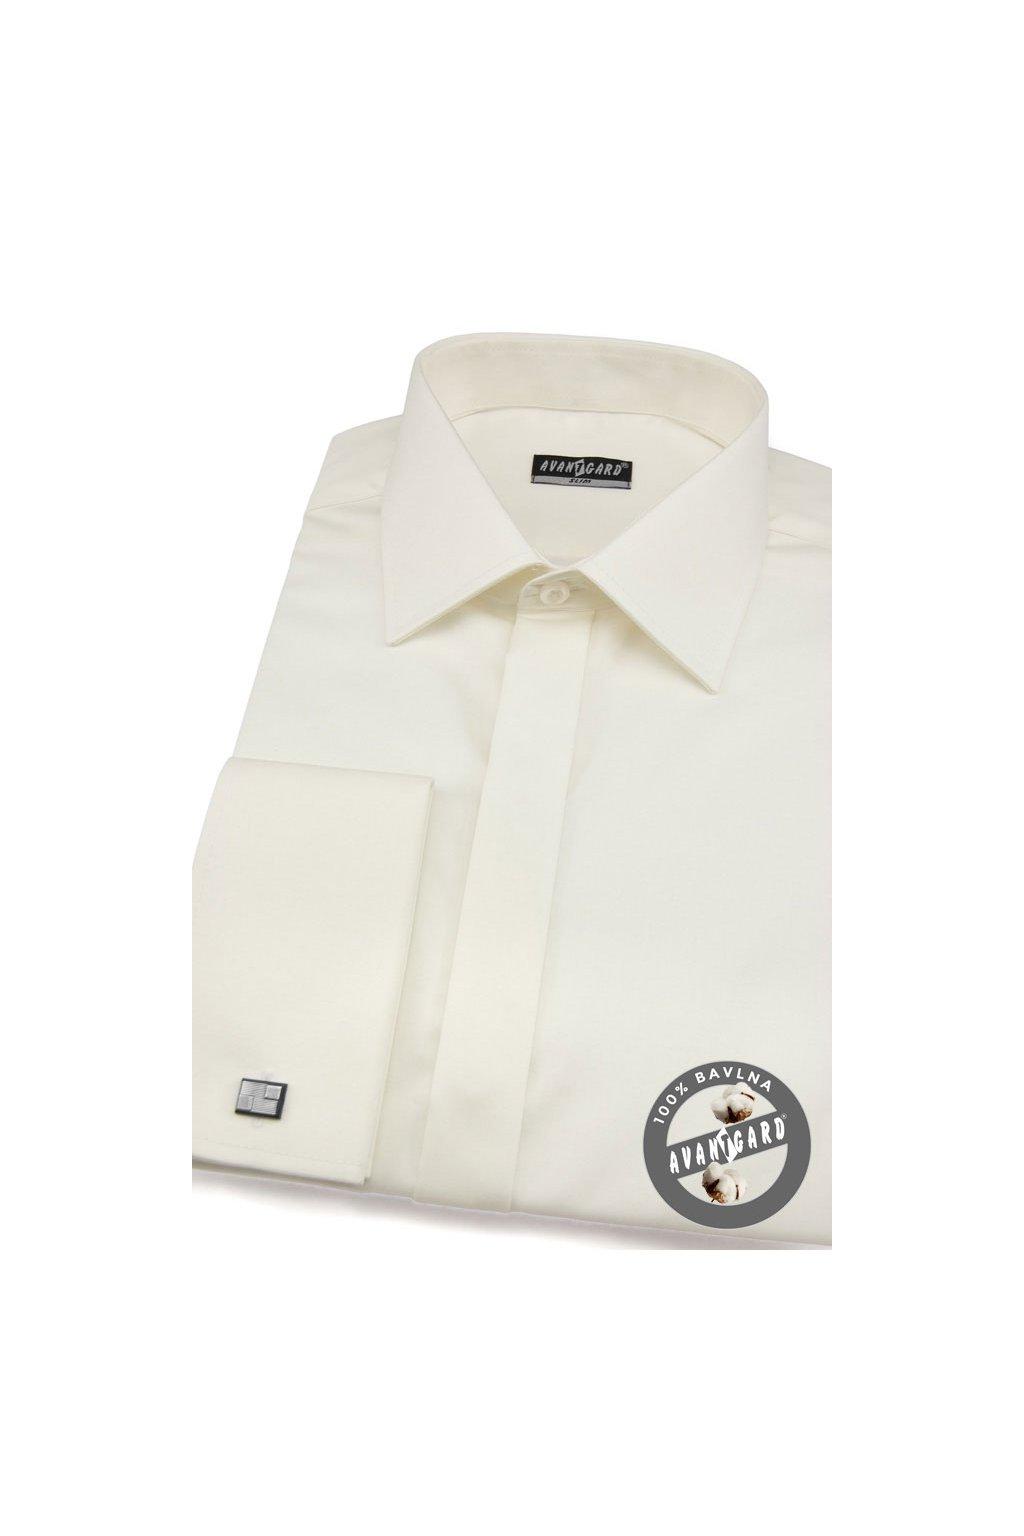 Pánská košile SLIM s krytou légou a dvojitými manžetami na manžetové knoflíčky smetanová hladká s leskem 170 - 222